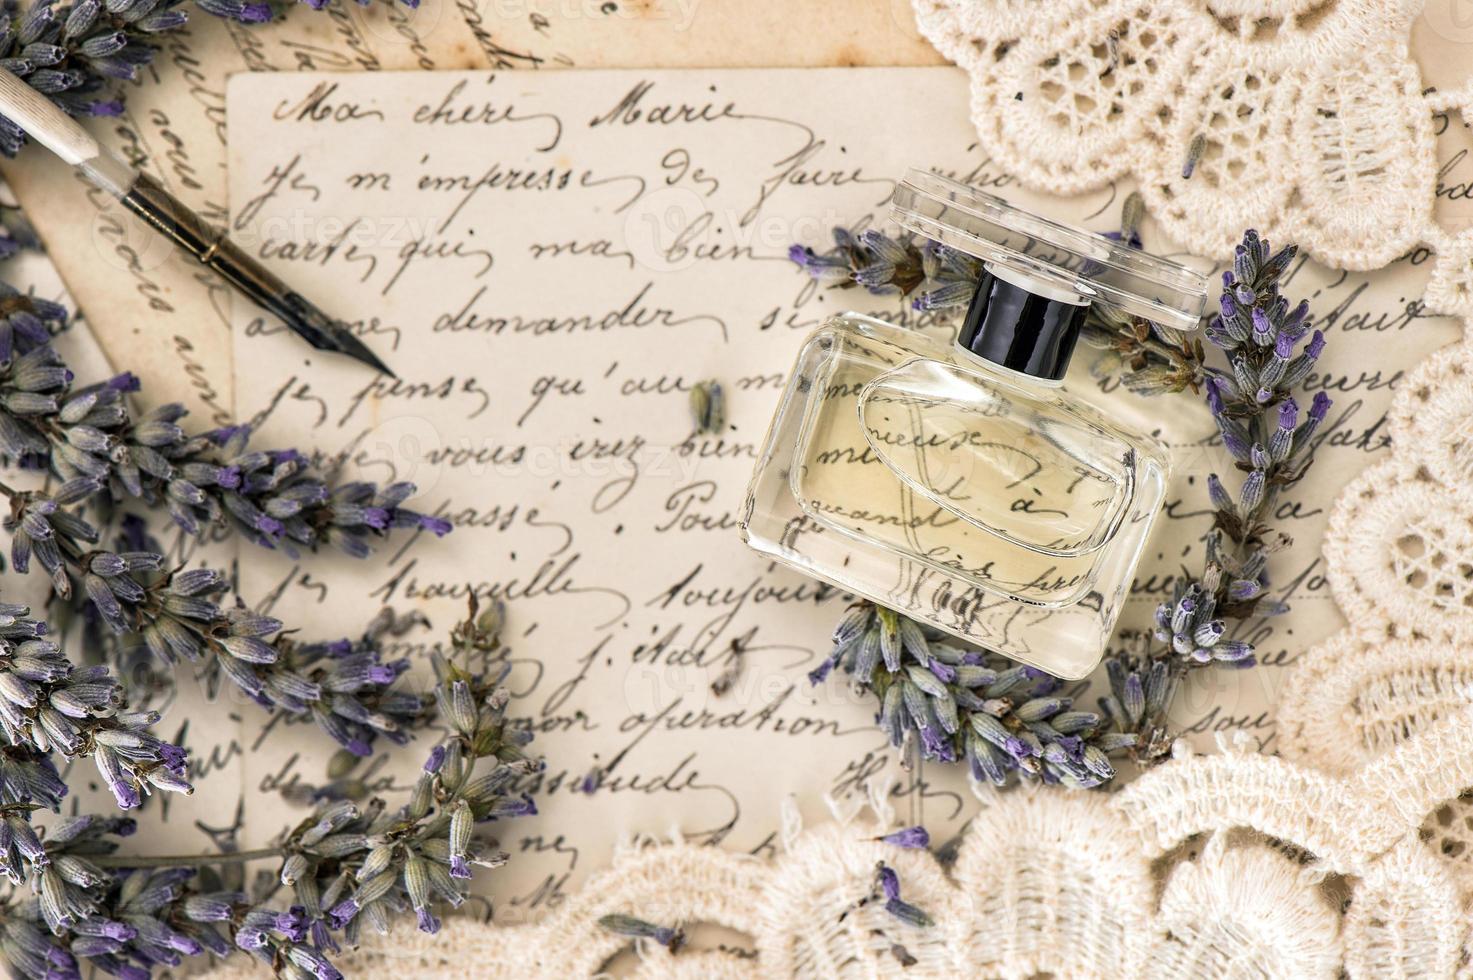 profumo, fiori di lavanda, penna vintage e vecchie lettere d'amore foto